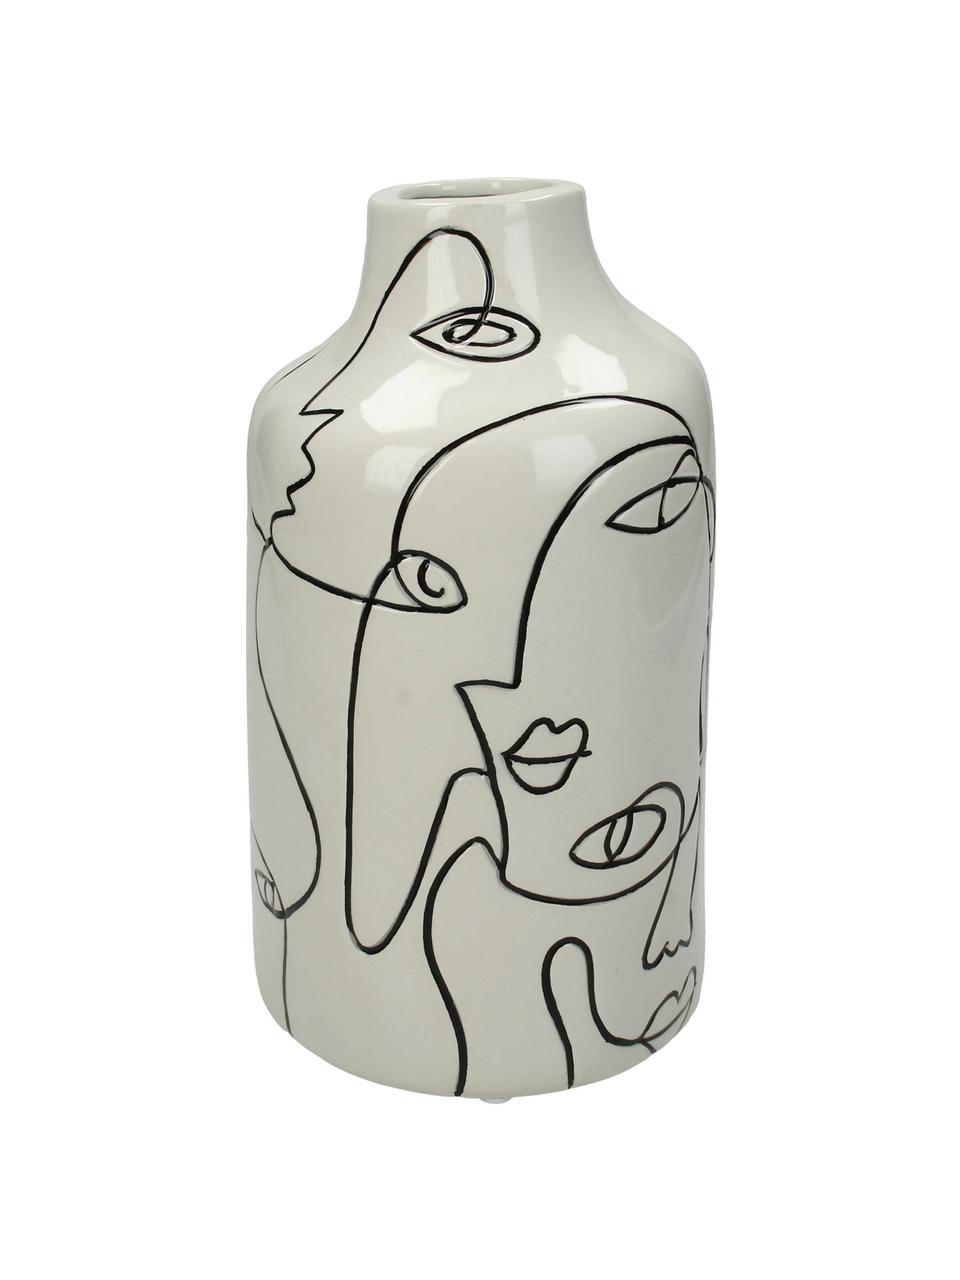 Vase Faces aus Steingut, Steingut, Gebrochenes Weiß, Schwarz, Ø 11 x H 21 cm